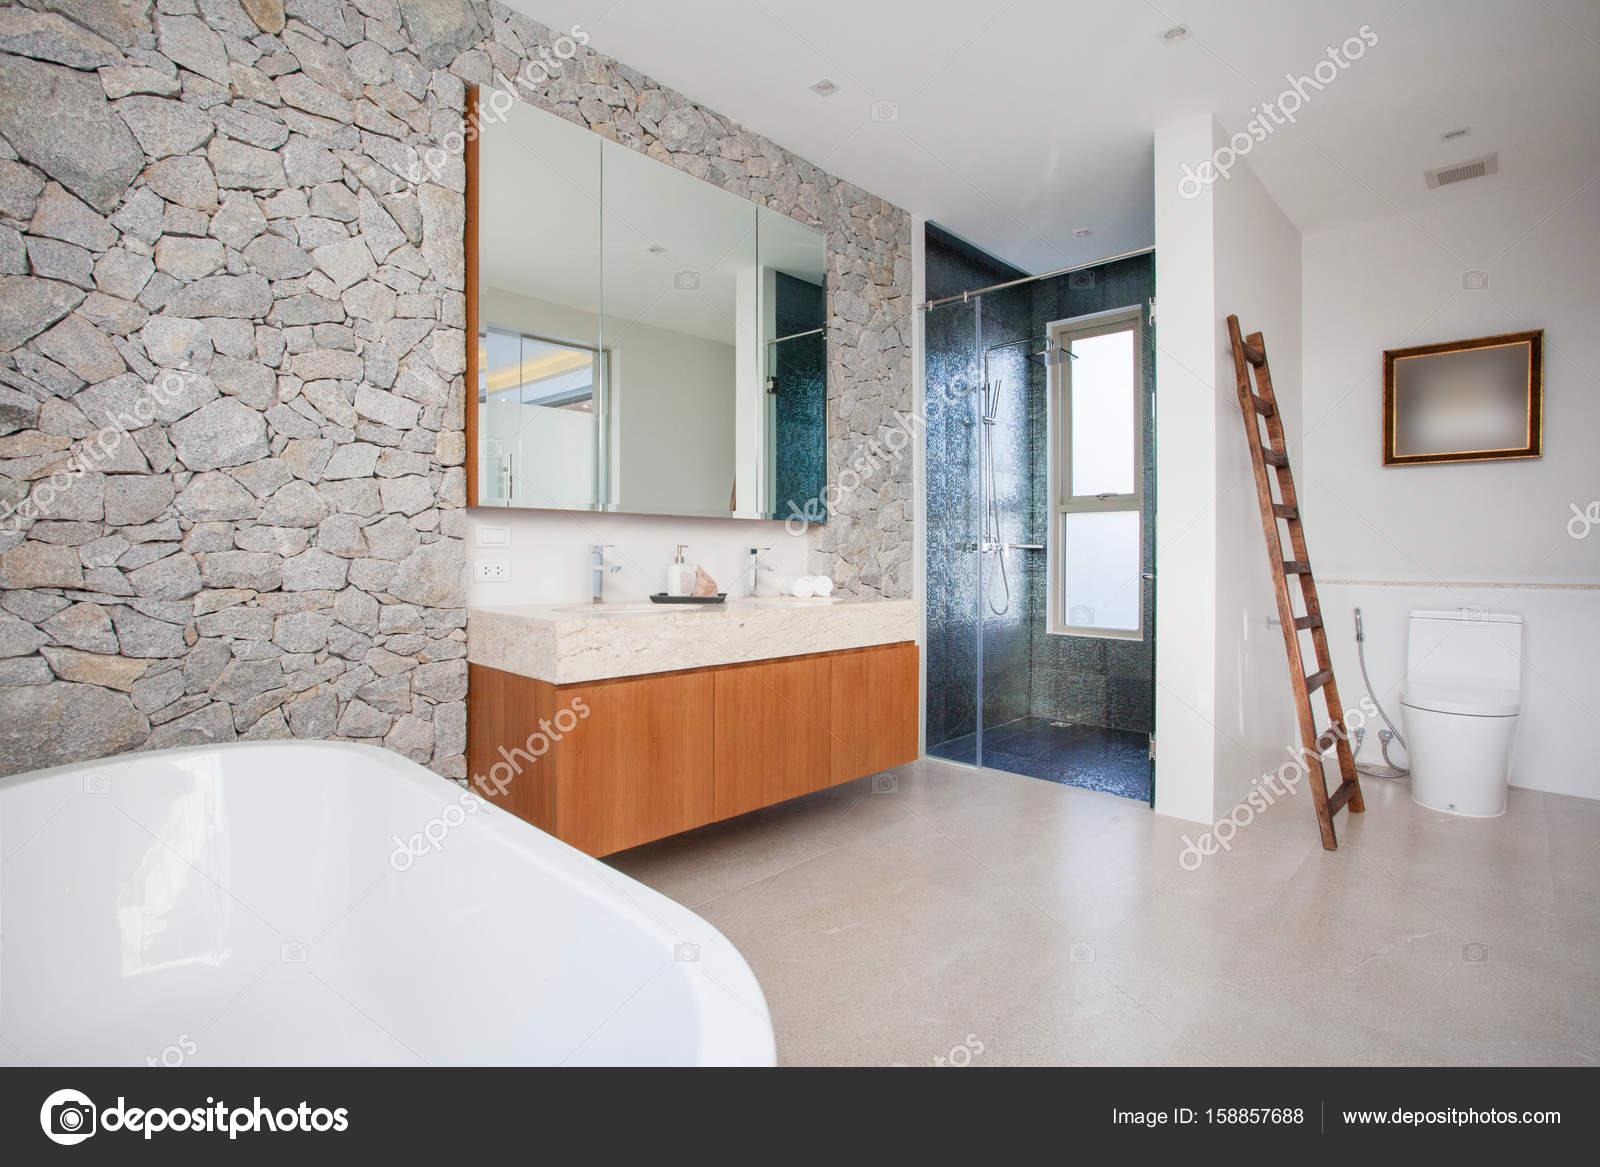 Vasca da bagno e bacino di caratteristiche del bagno di lusso — Foto ...